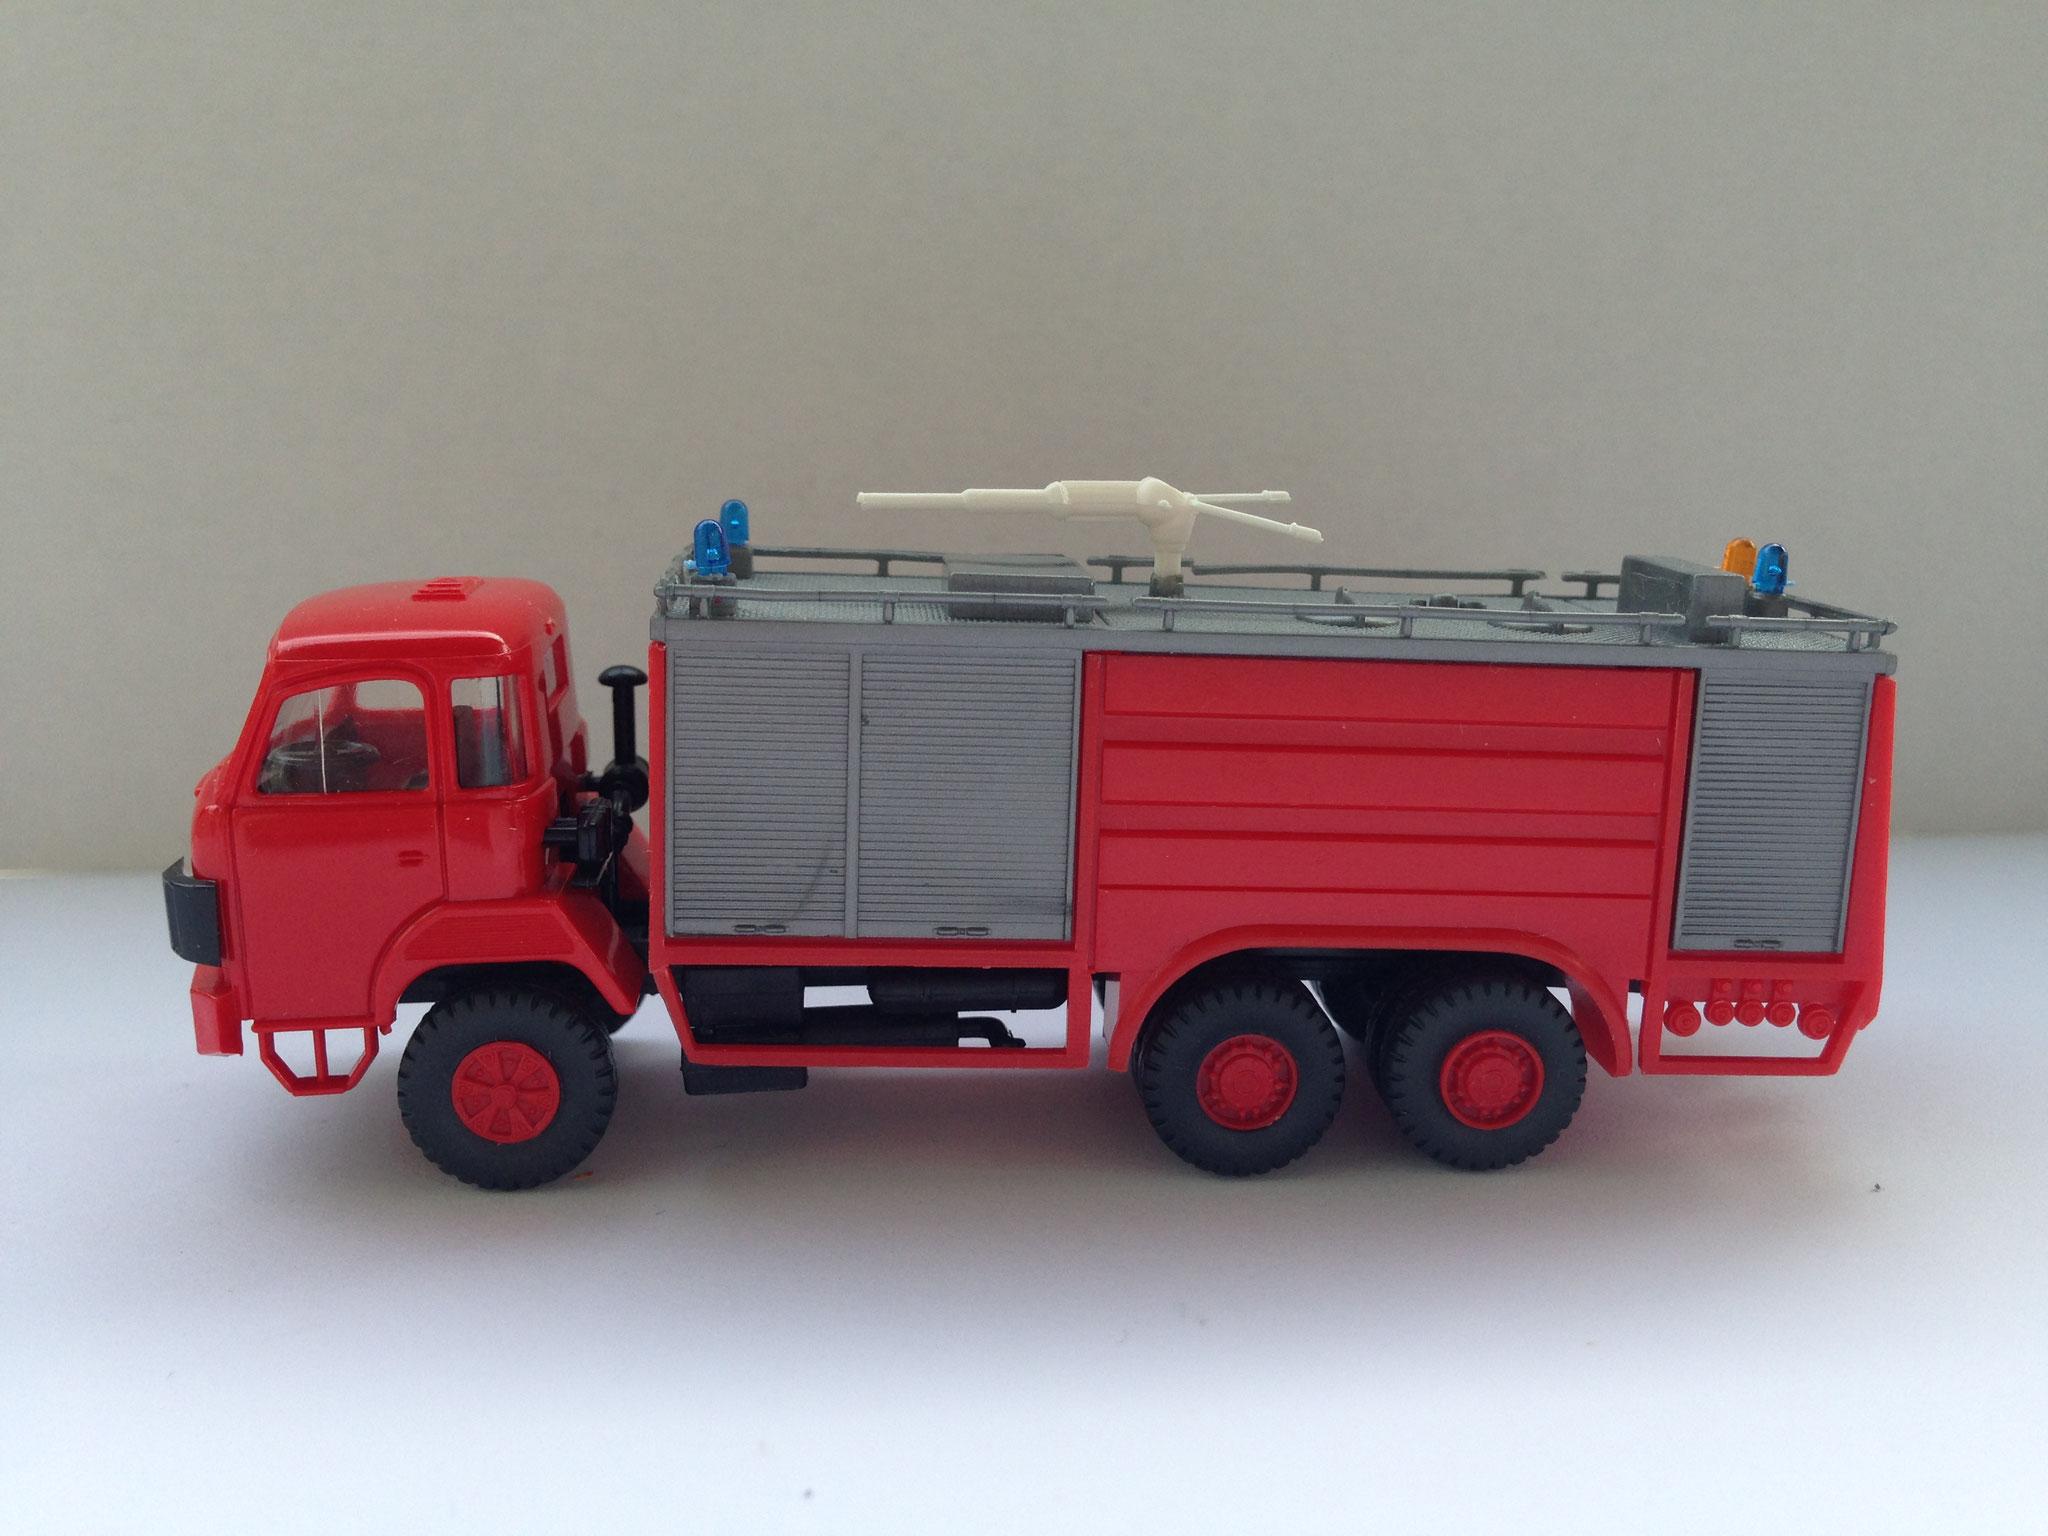 Feuerwehr 3-Achser-Tanklöschfahrzeug, Art. Nr. 424 (ab 1983 im Programm)